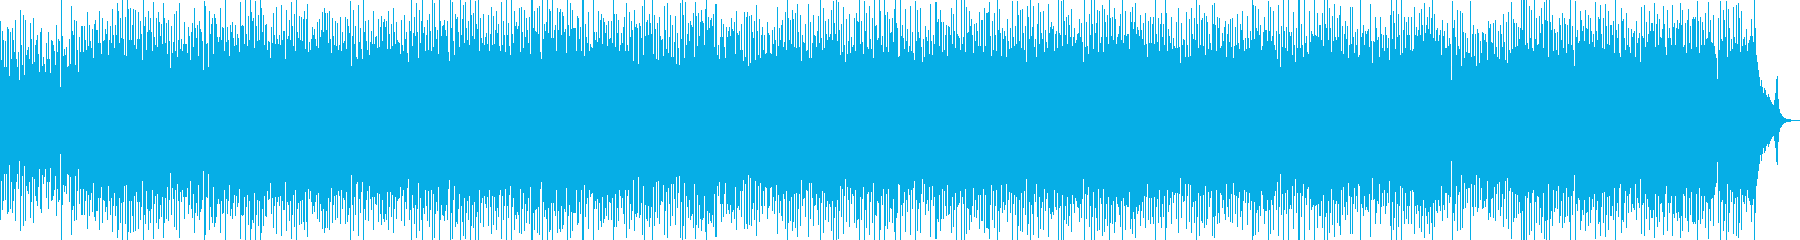 ヴァイオリンが響くカントリーの再生済みの波形